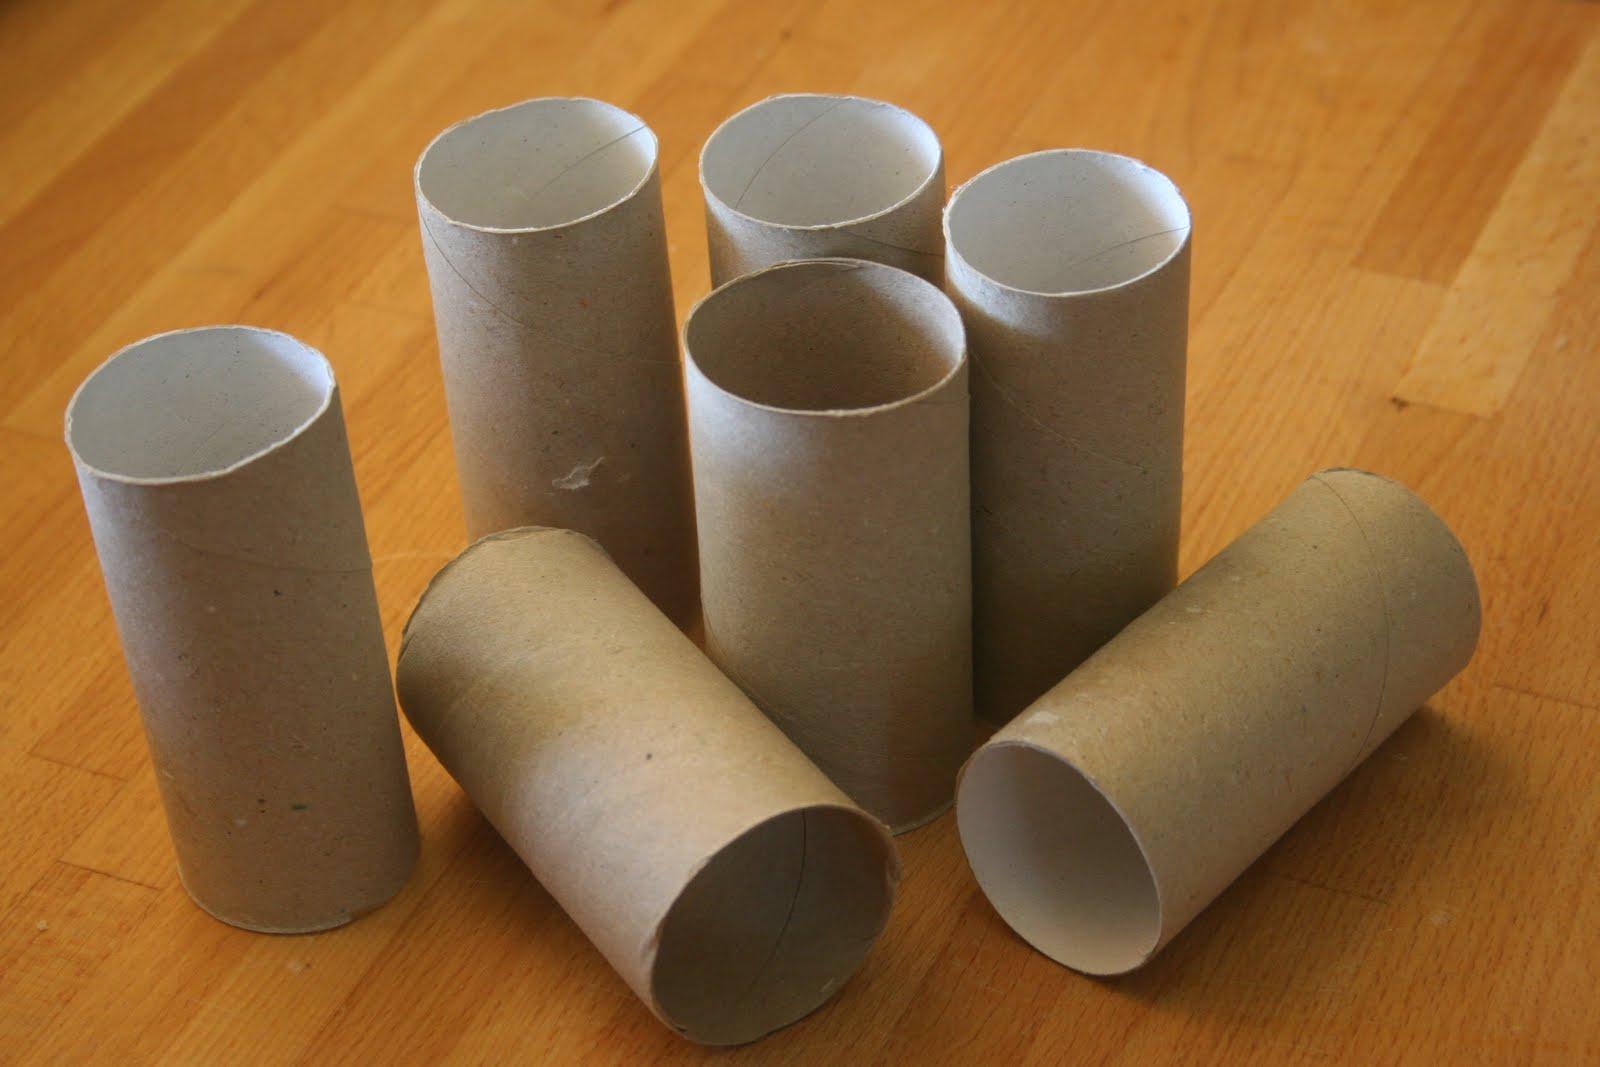 rouleau papier toilette, rouleau de carton, tube de carton,